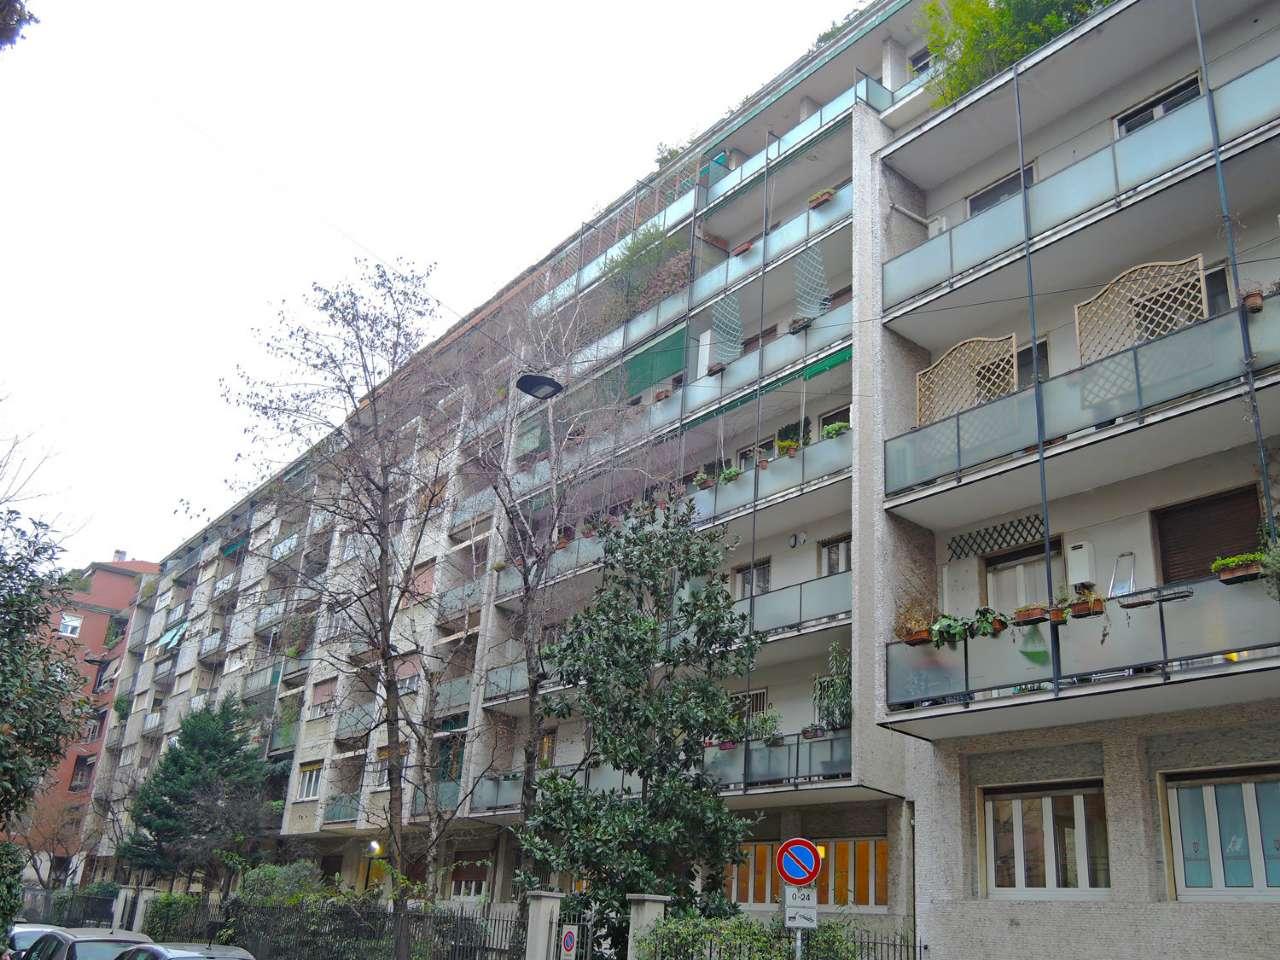 Appartamento in vendita a Milano, 3 locali, zona Zona: 15 . Fiera, Firenze, Sempione, Pagano, Amendola, Paolo Sarpi, Arena, prezzo € 315.000 | Cambio Casa.it